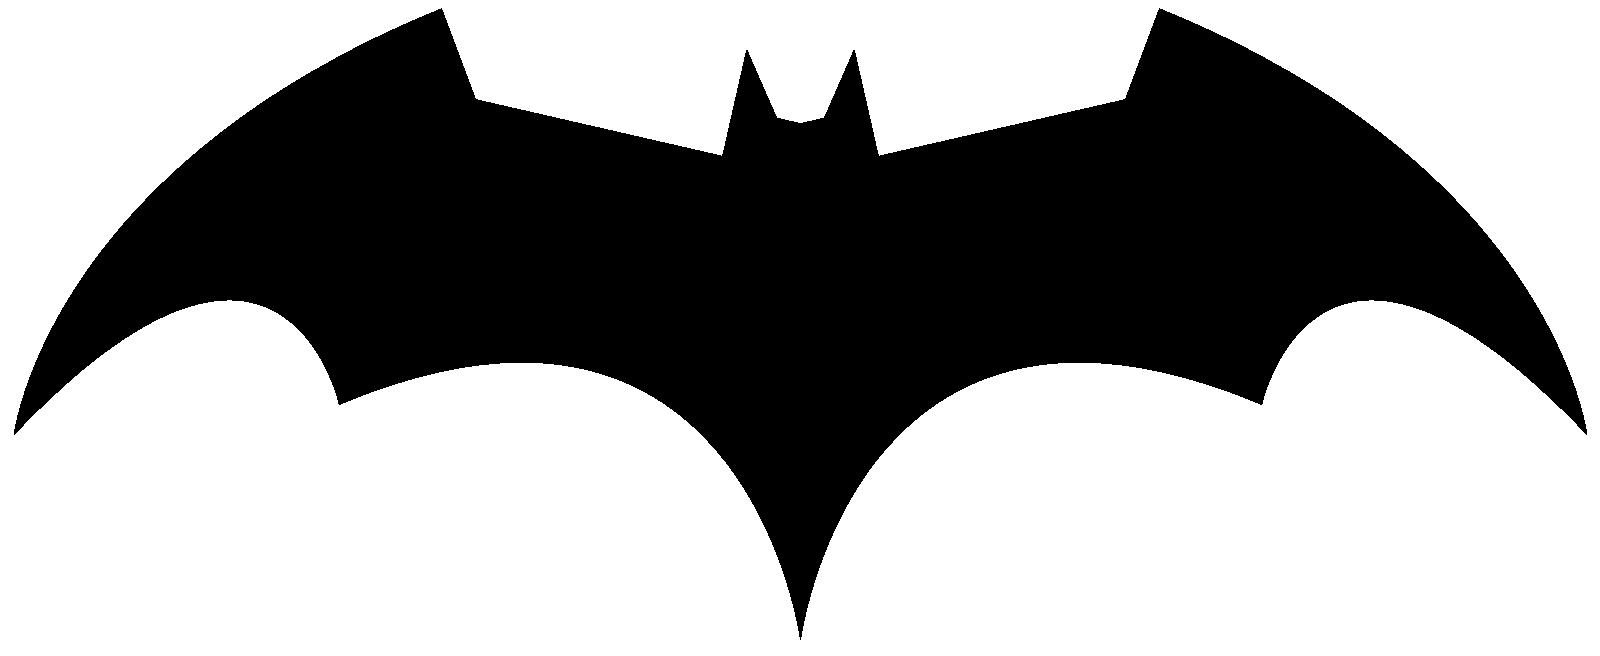 Motorcycle clipart batman. Deviantart more like logo